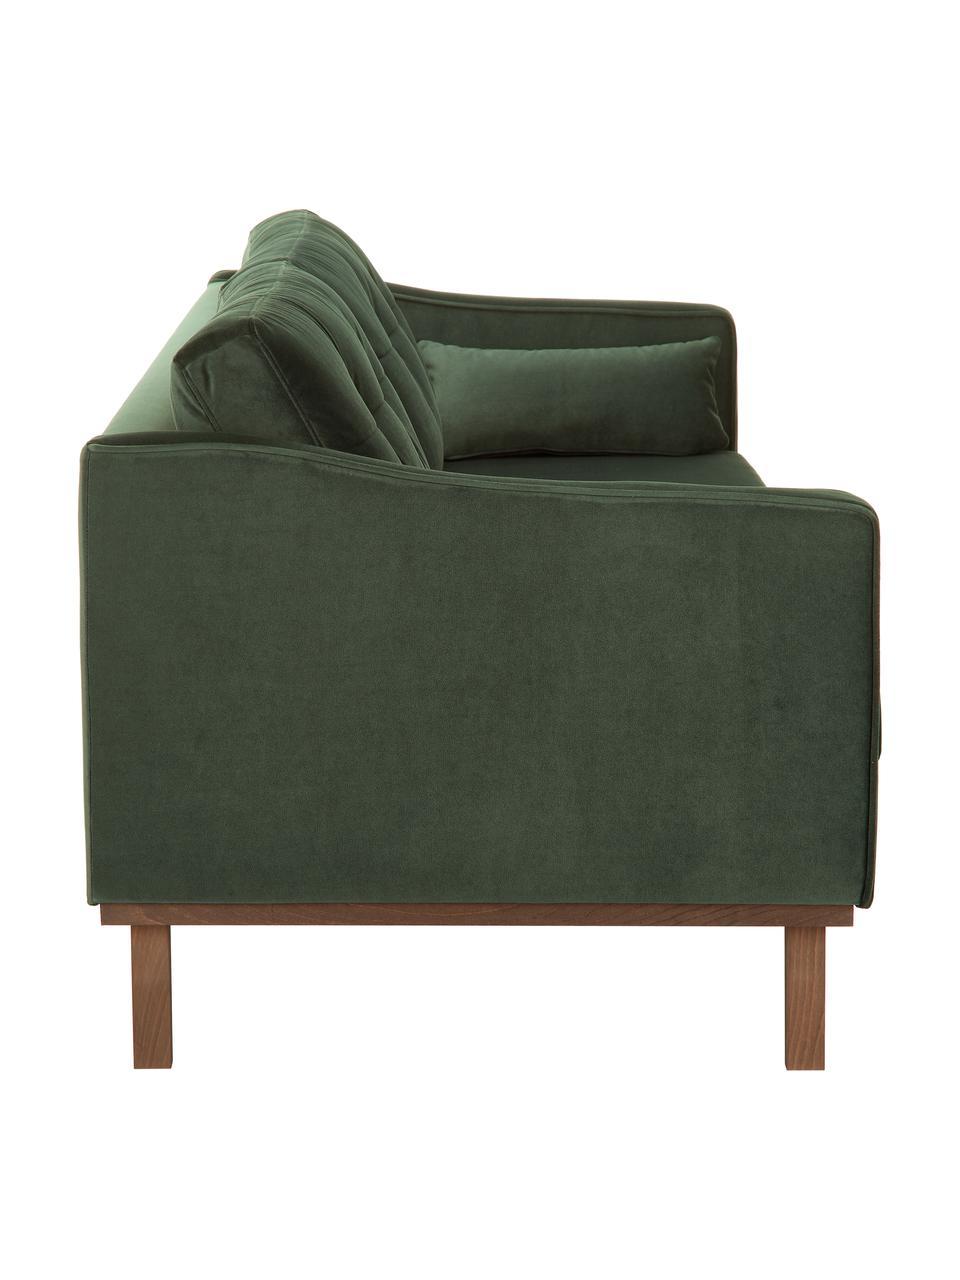 Fluwelen bank Alva (3-zits) in groen met beukenhout-poten, Bekleding: fluweel (hoogwaardig poly, Frame: massief grenenhout, Poten: massief gebeitst beukenho, Olijfgroen, B 215 x D 92 cm